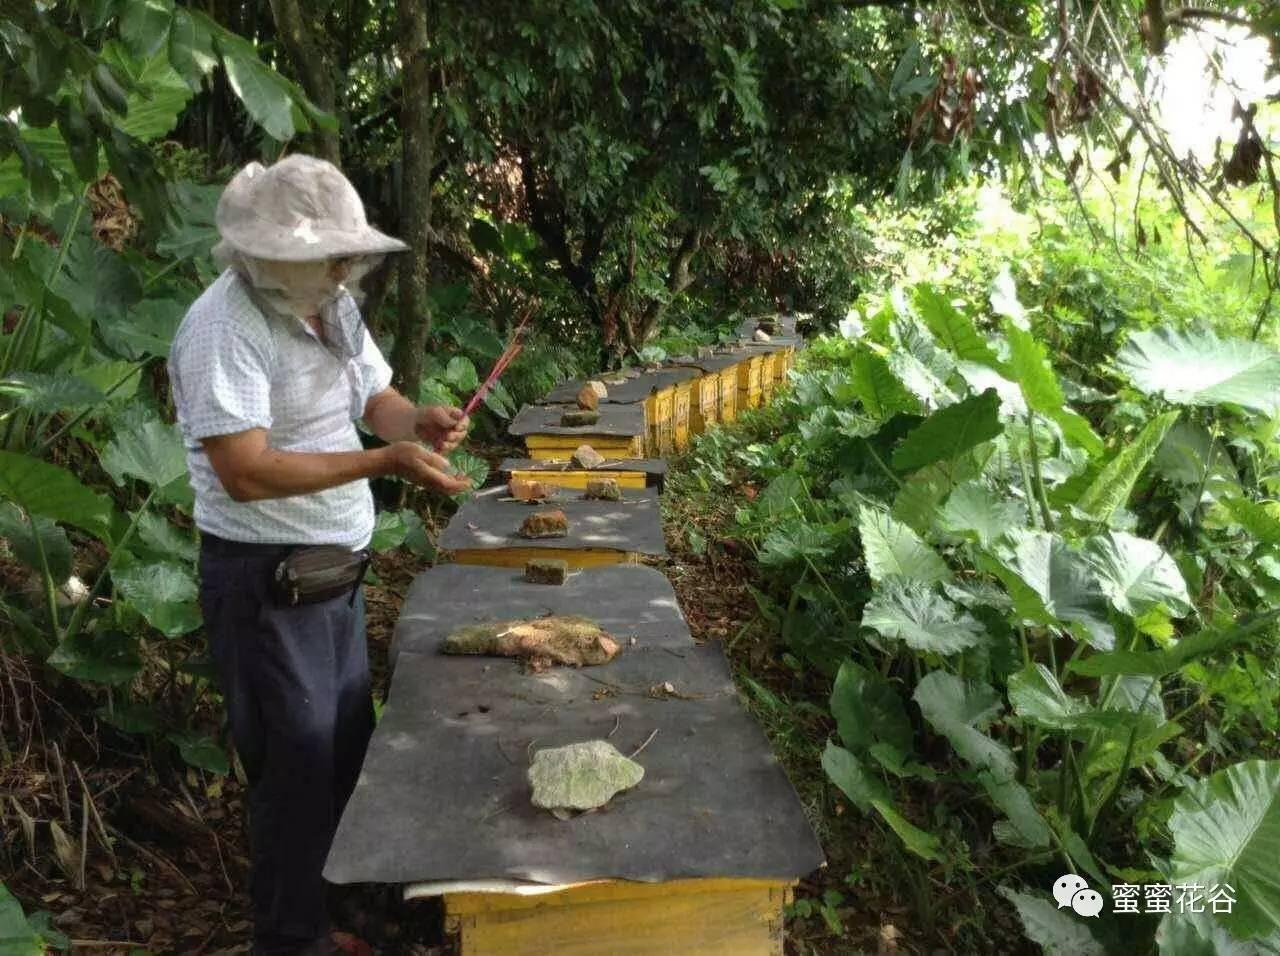 蜂蜜药典 蜂蜜开水冲有臭味 蜂蜜加热水 蜂蜜炮弹 用蜂蜜怎么制作面膜